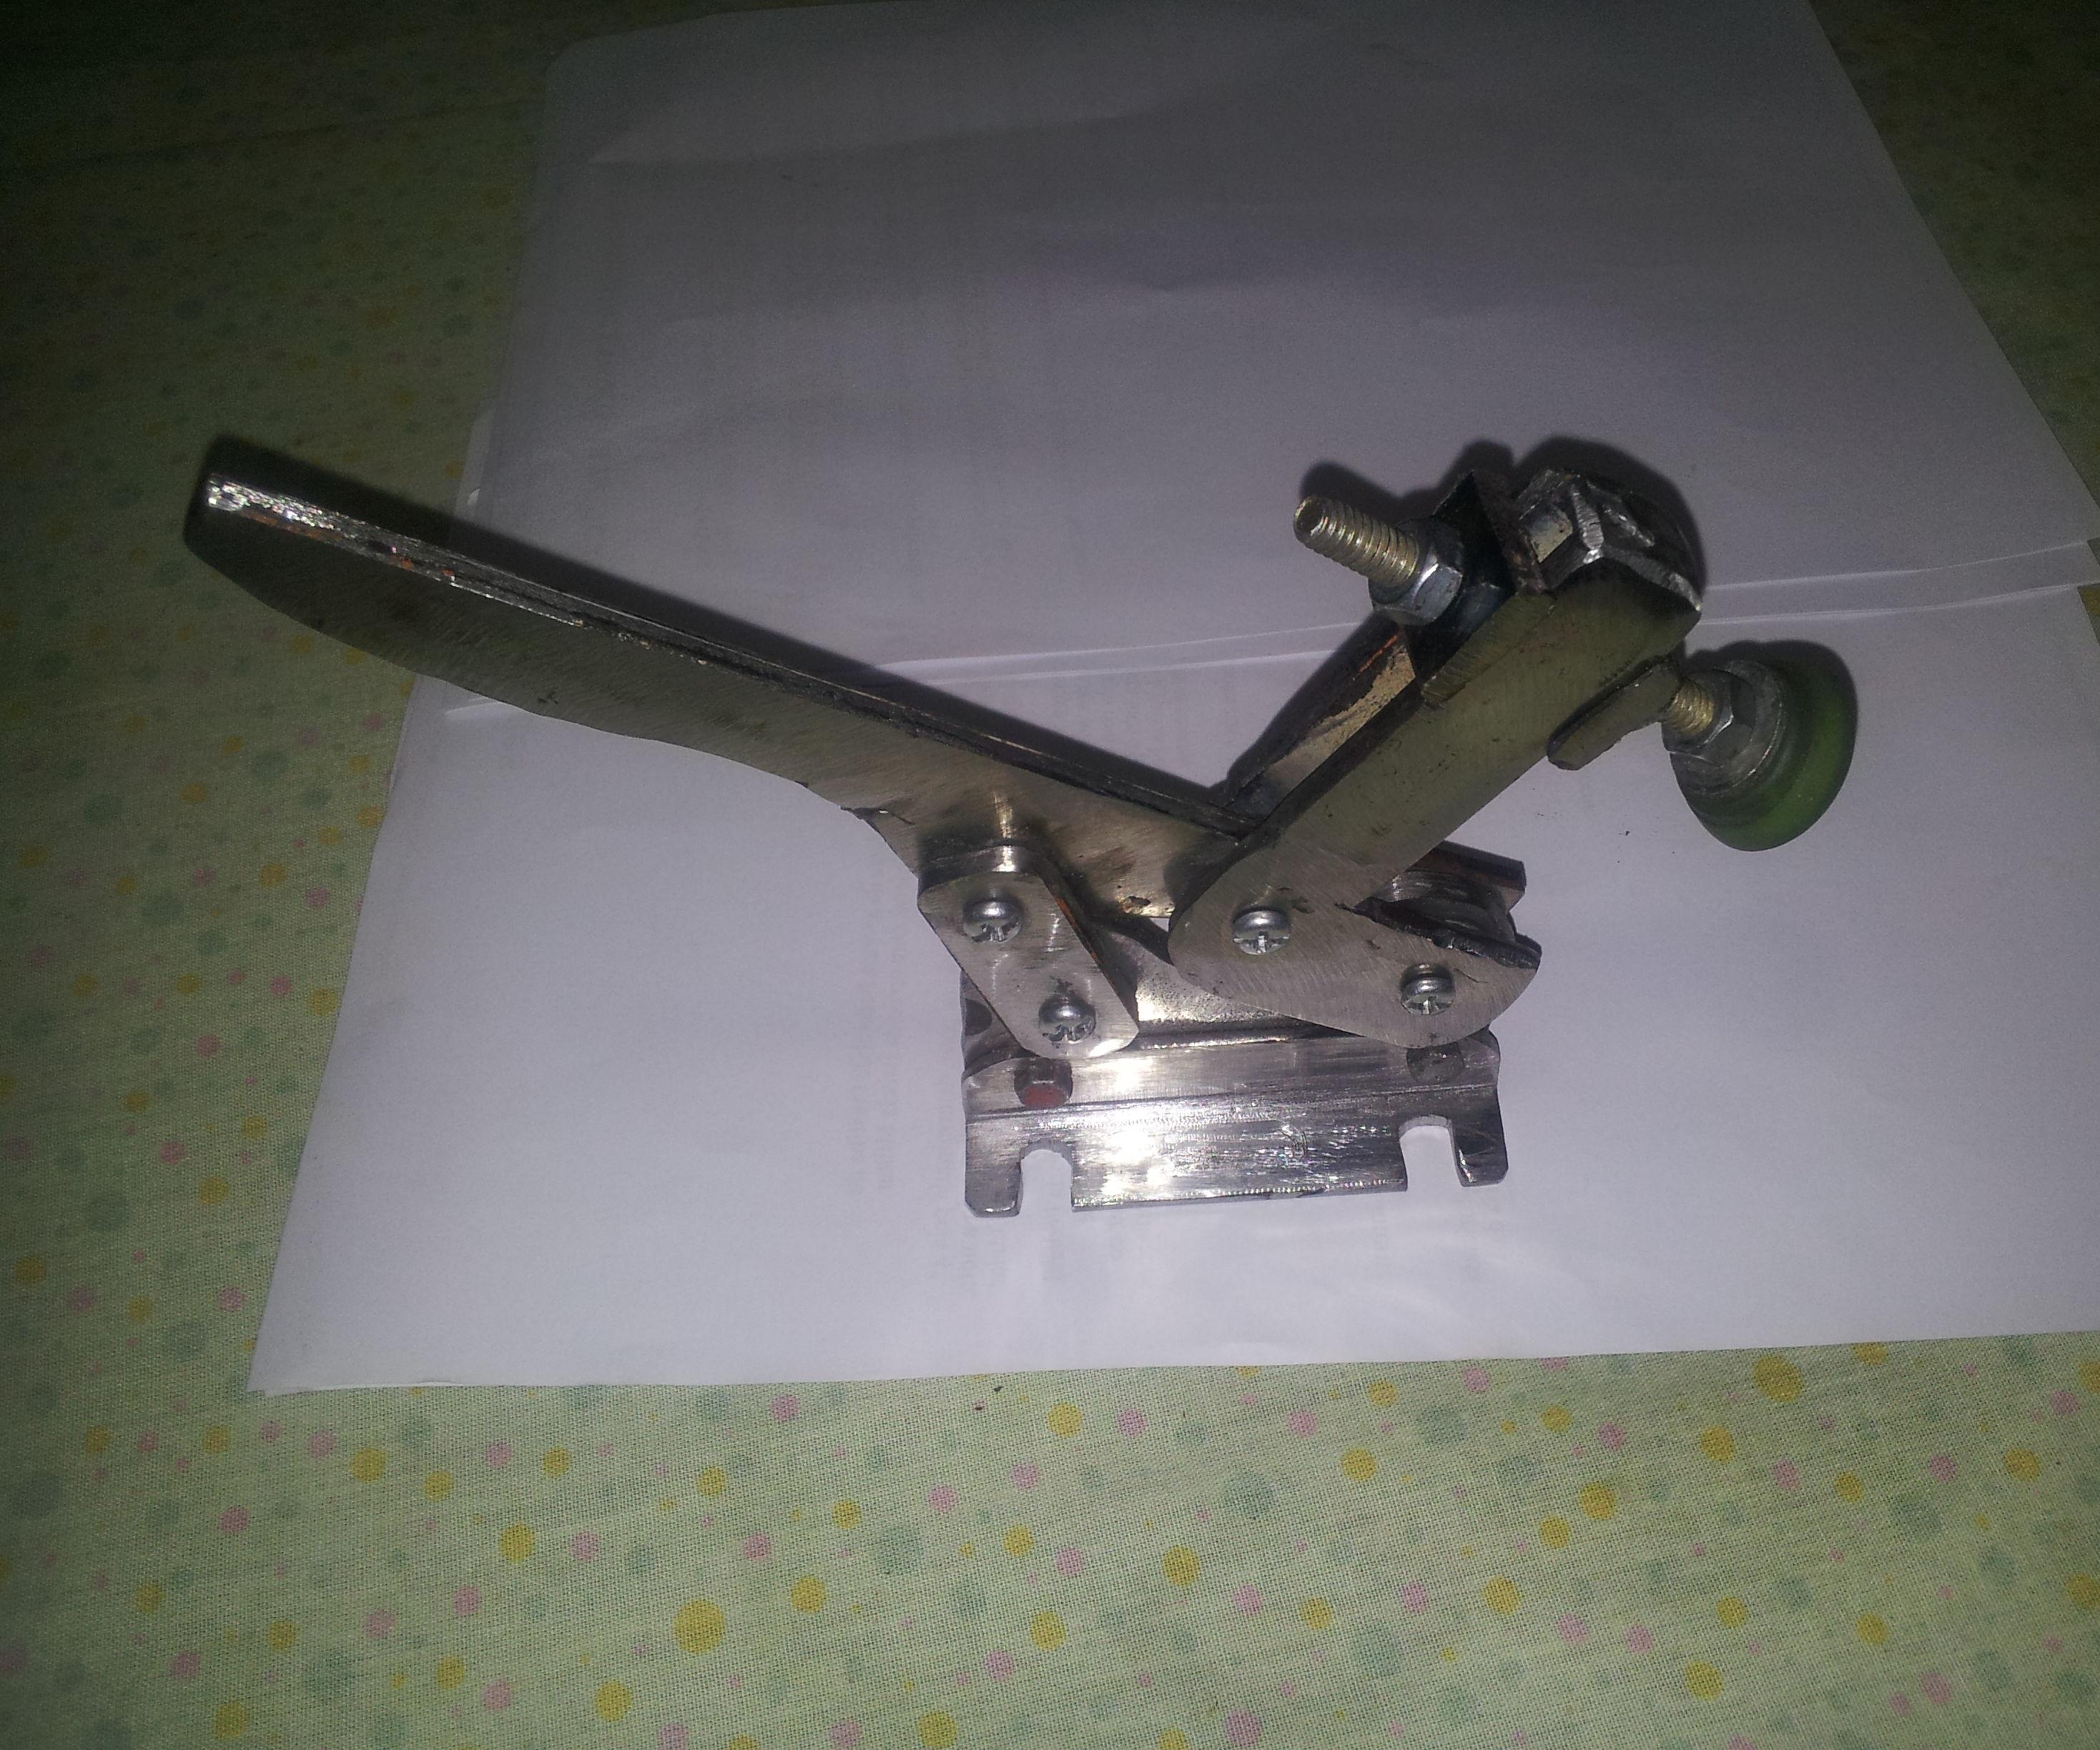 Grampo de Aperto Rápido Metálico (Metal Toggle Clamp)